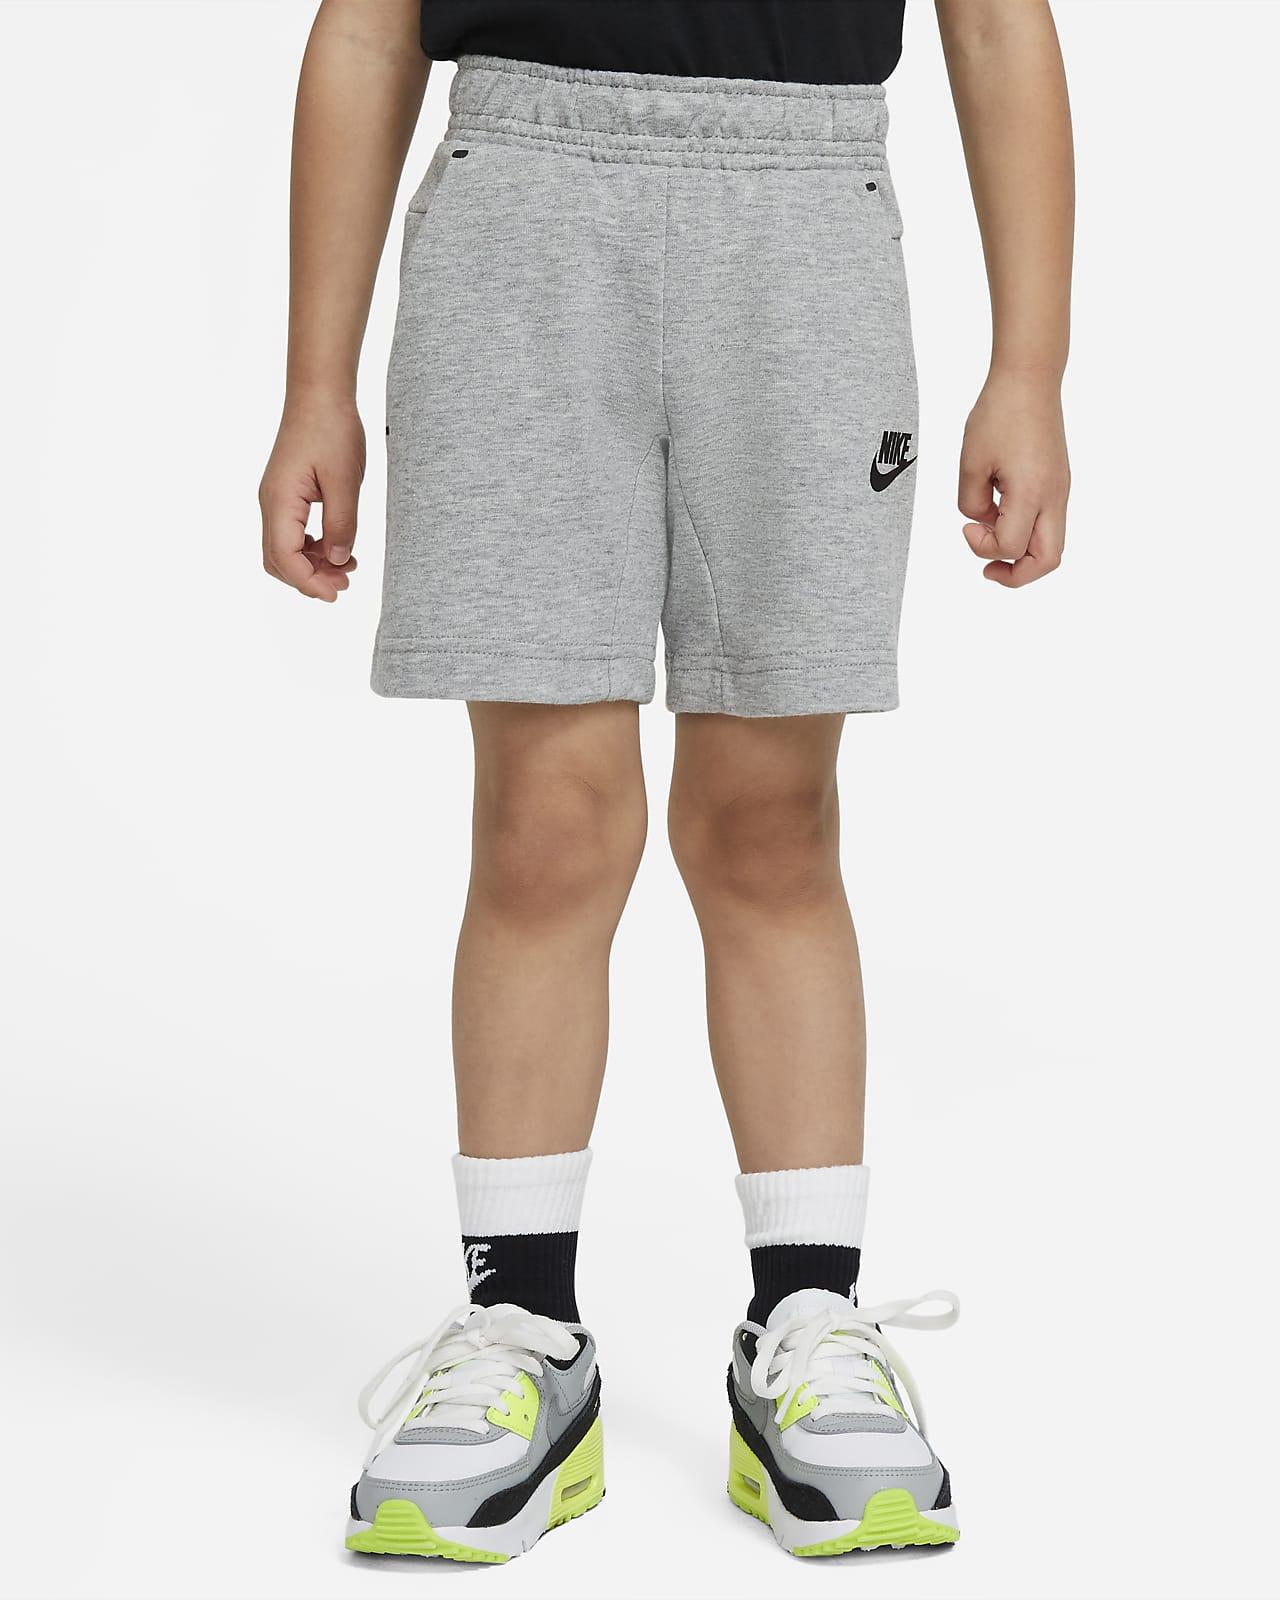 Shortes infantiles Nike Sportswear Tech Fleece